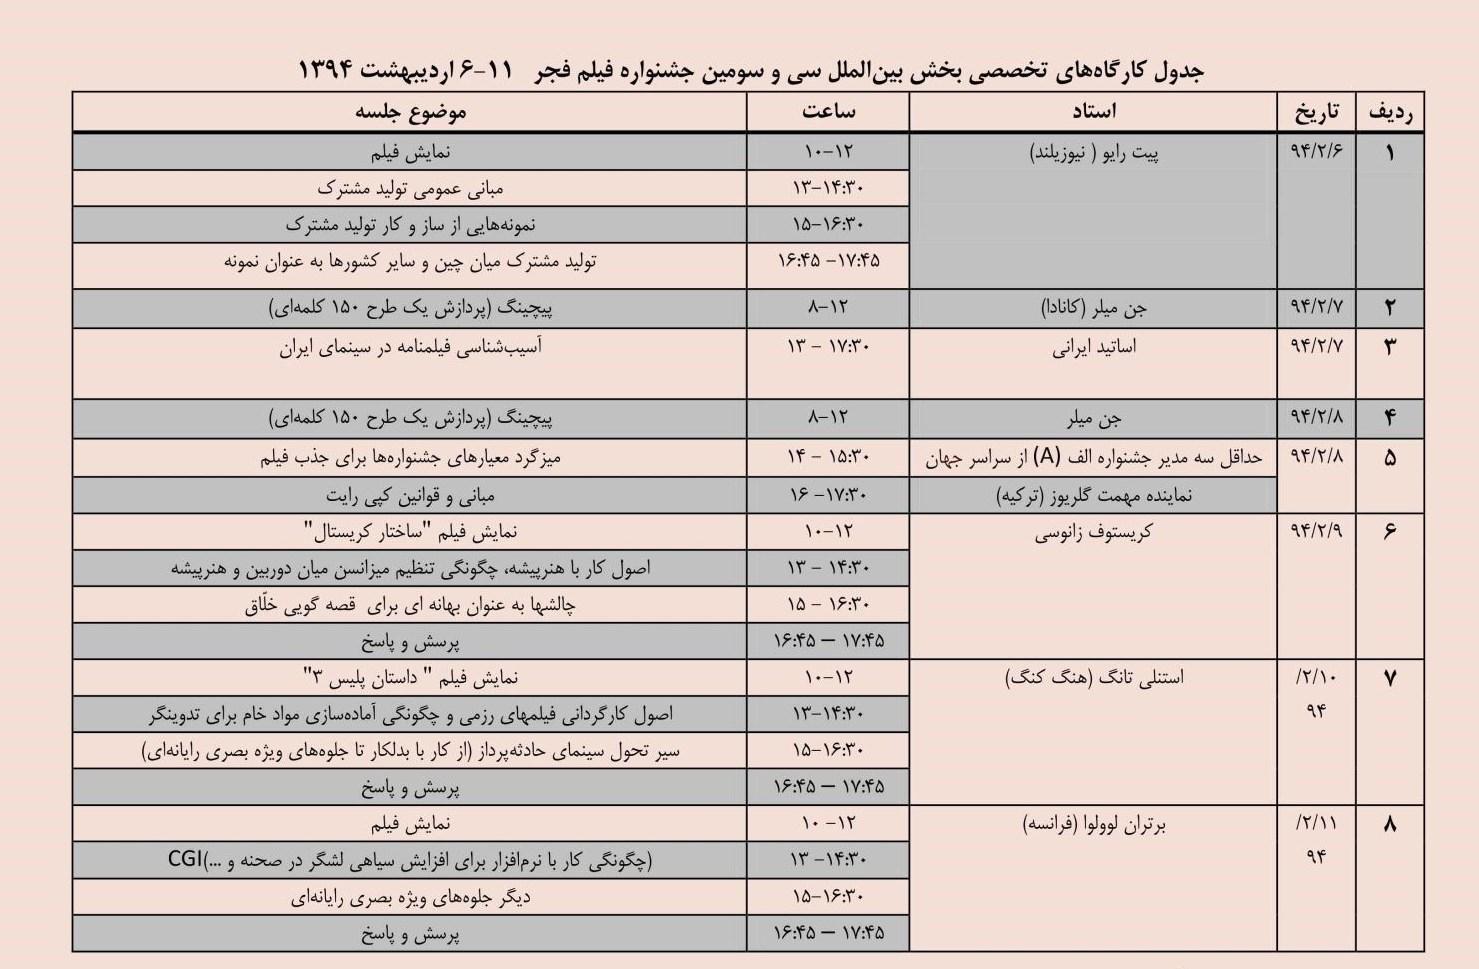 جدول کارگاه های بخش بین الملل جشنواره فجر